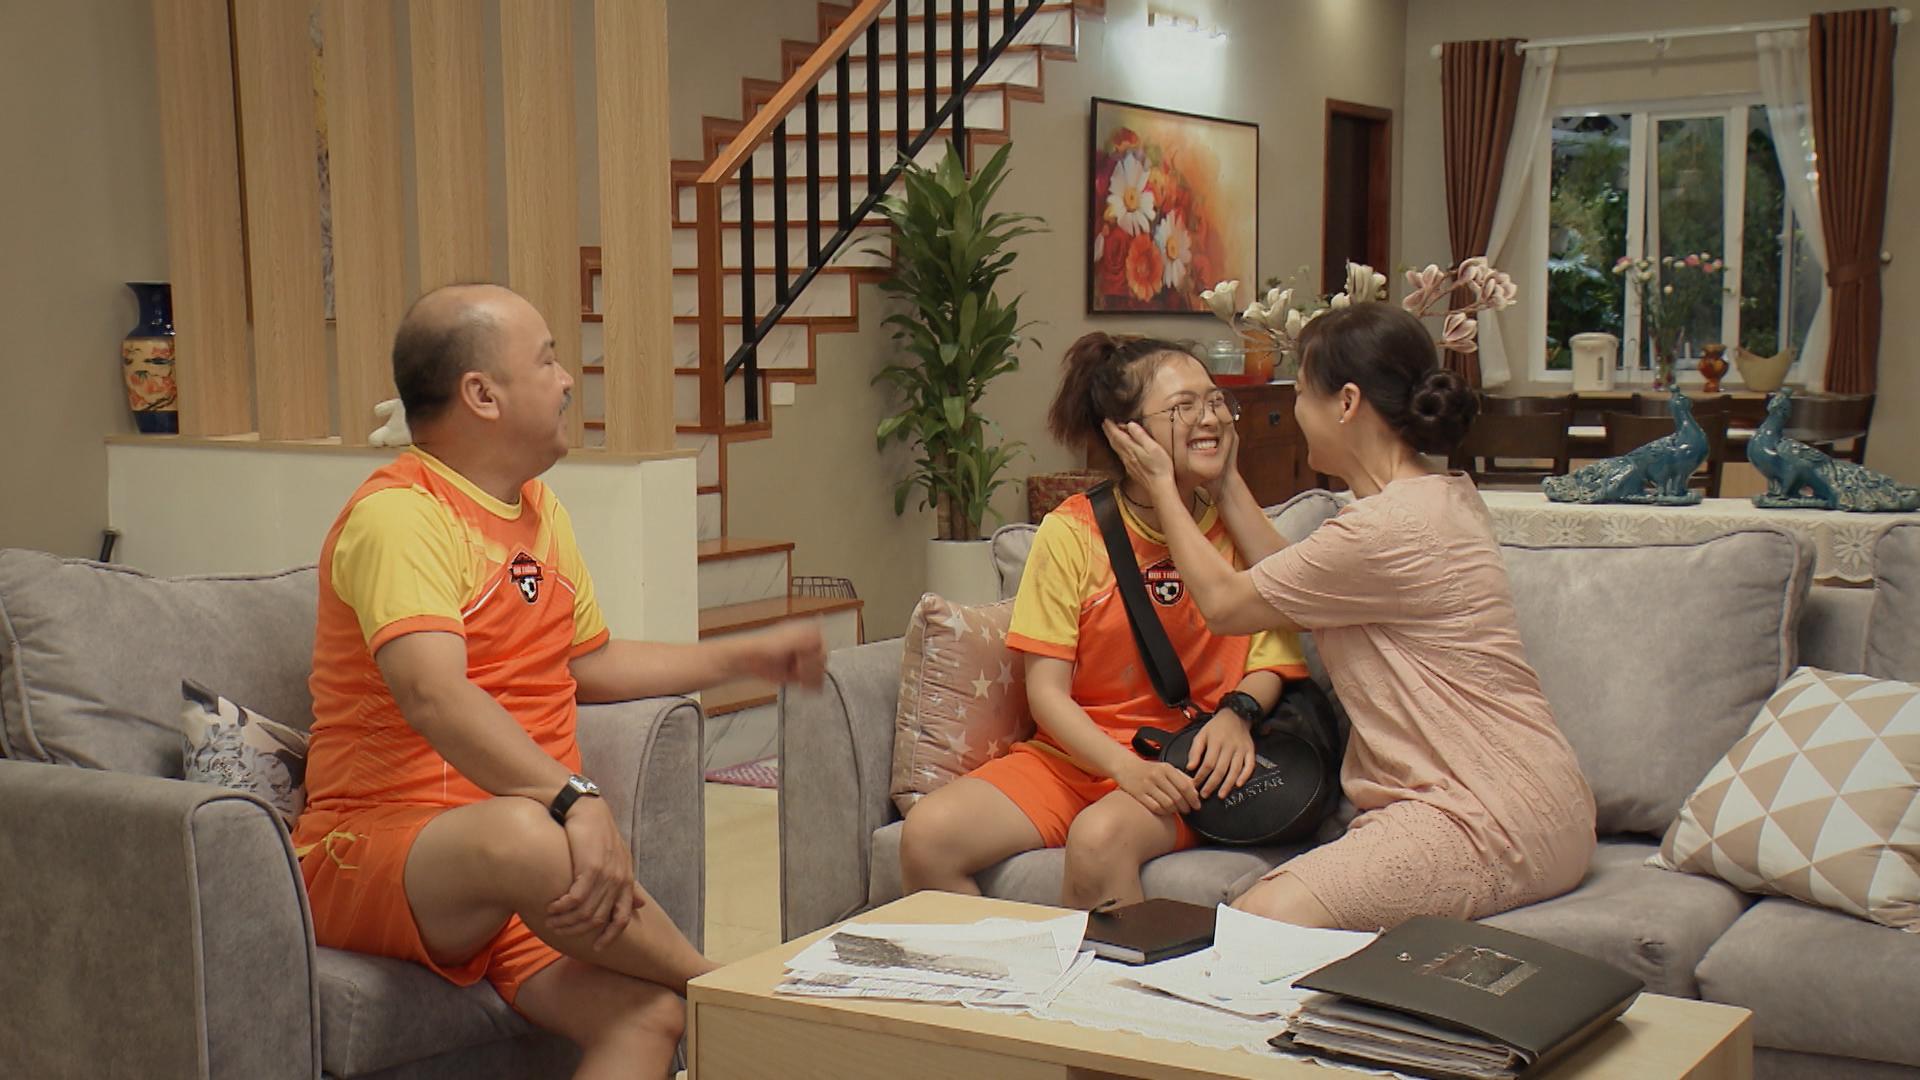 'Mẹ ơi, bố đâu rồi?' tập 5: Bố mẹ 'ngã ngửa' khi con gái coi 'hình tượng nhân vật nữ quyền trong xã hội' là Tóc Tiên, Minh Hằng 7